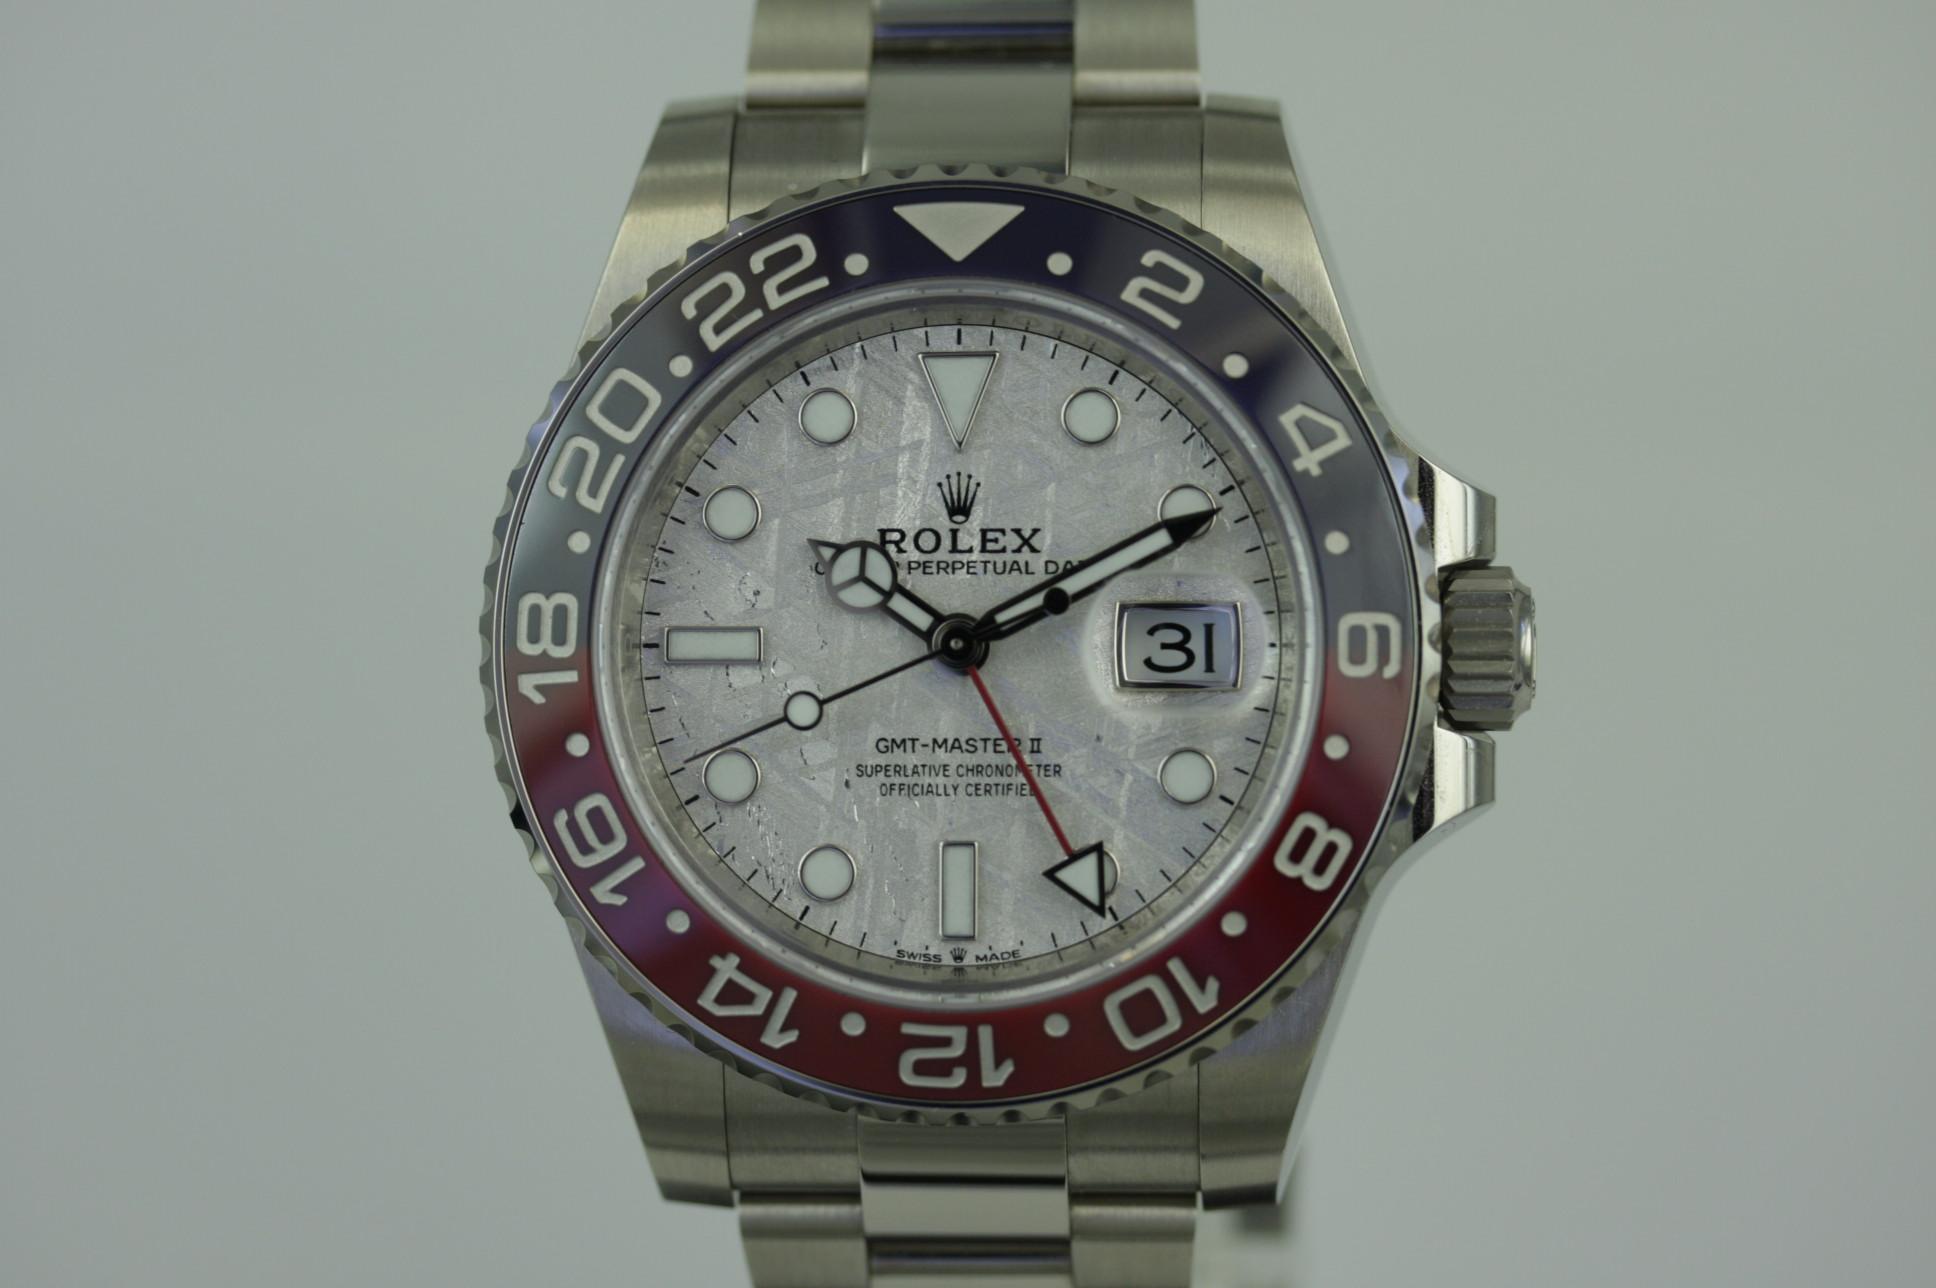 GMTマスター2 126719BLRO ランダム番